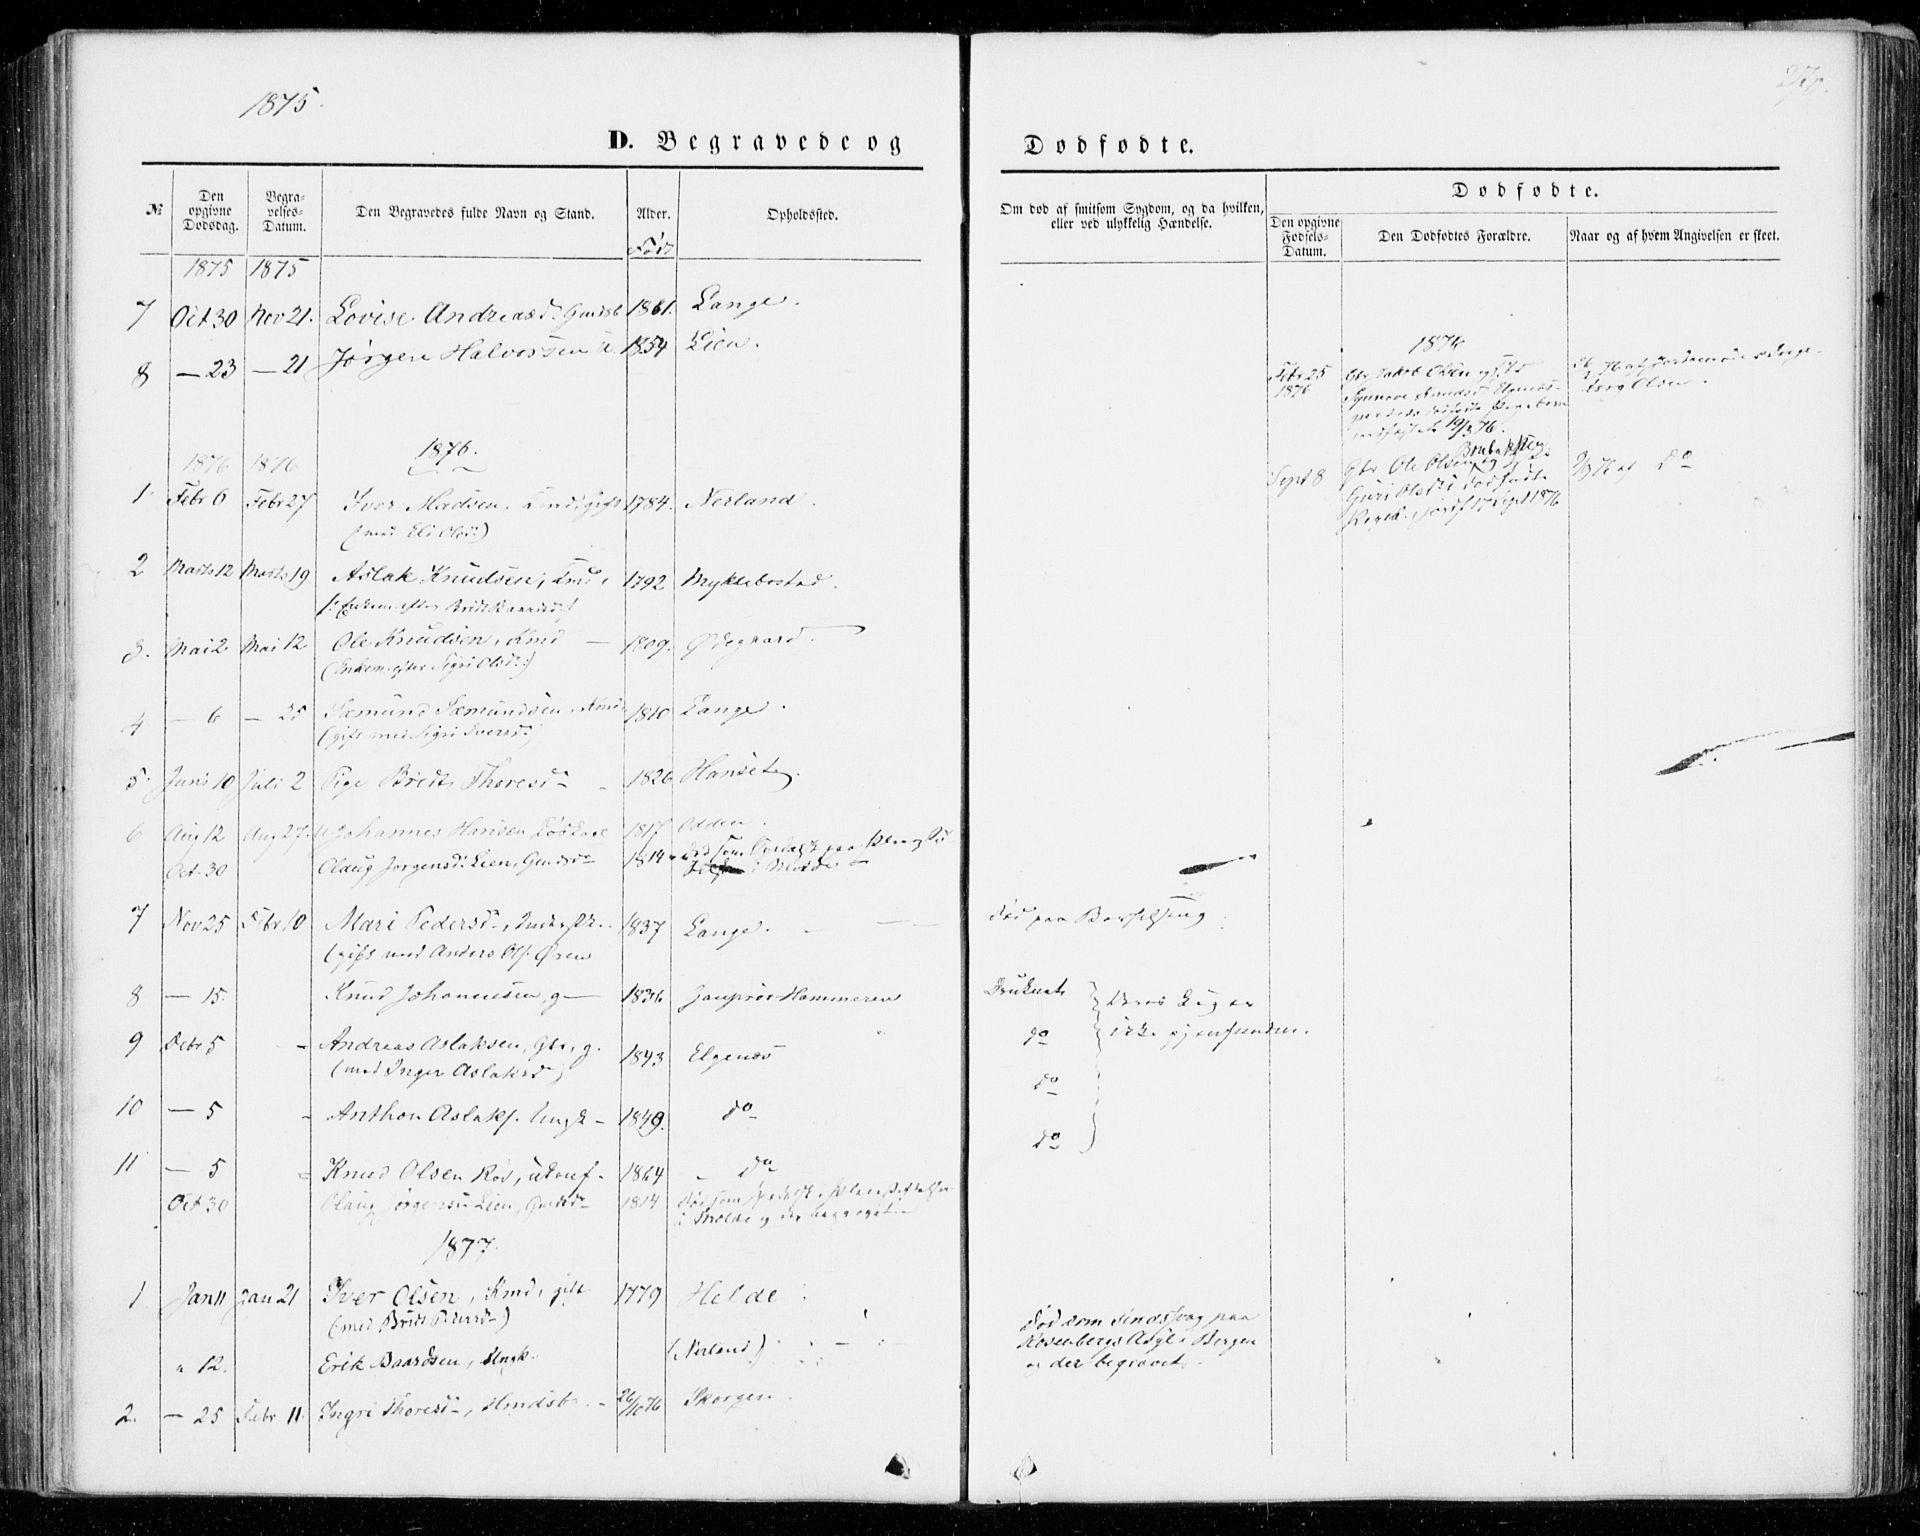 SAT, Ministerialprotokoller, klokkerbøker og fødselsregistre - Møre og Romsdal, 554/L0643: Ministerialbok nr. 554A01, 1846-1879, s. 270